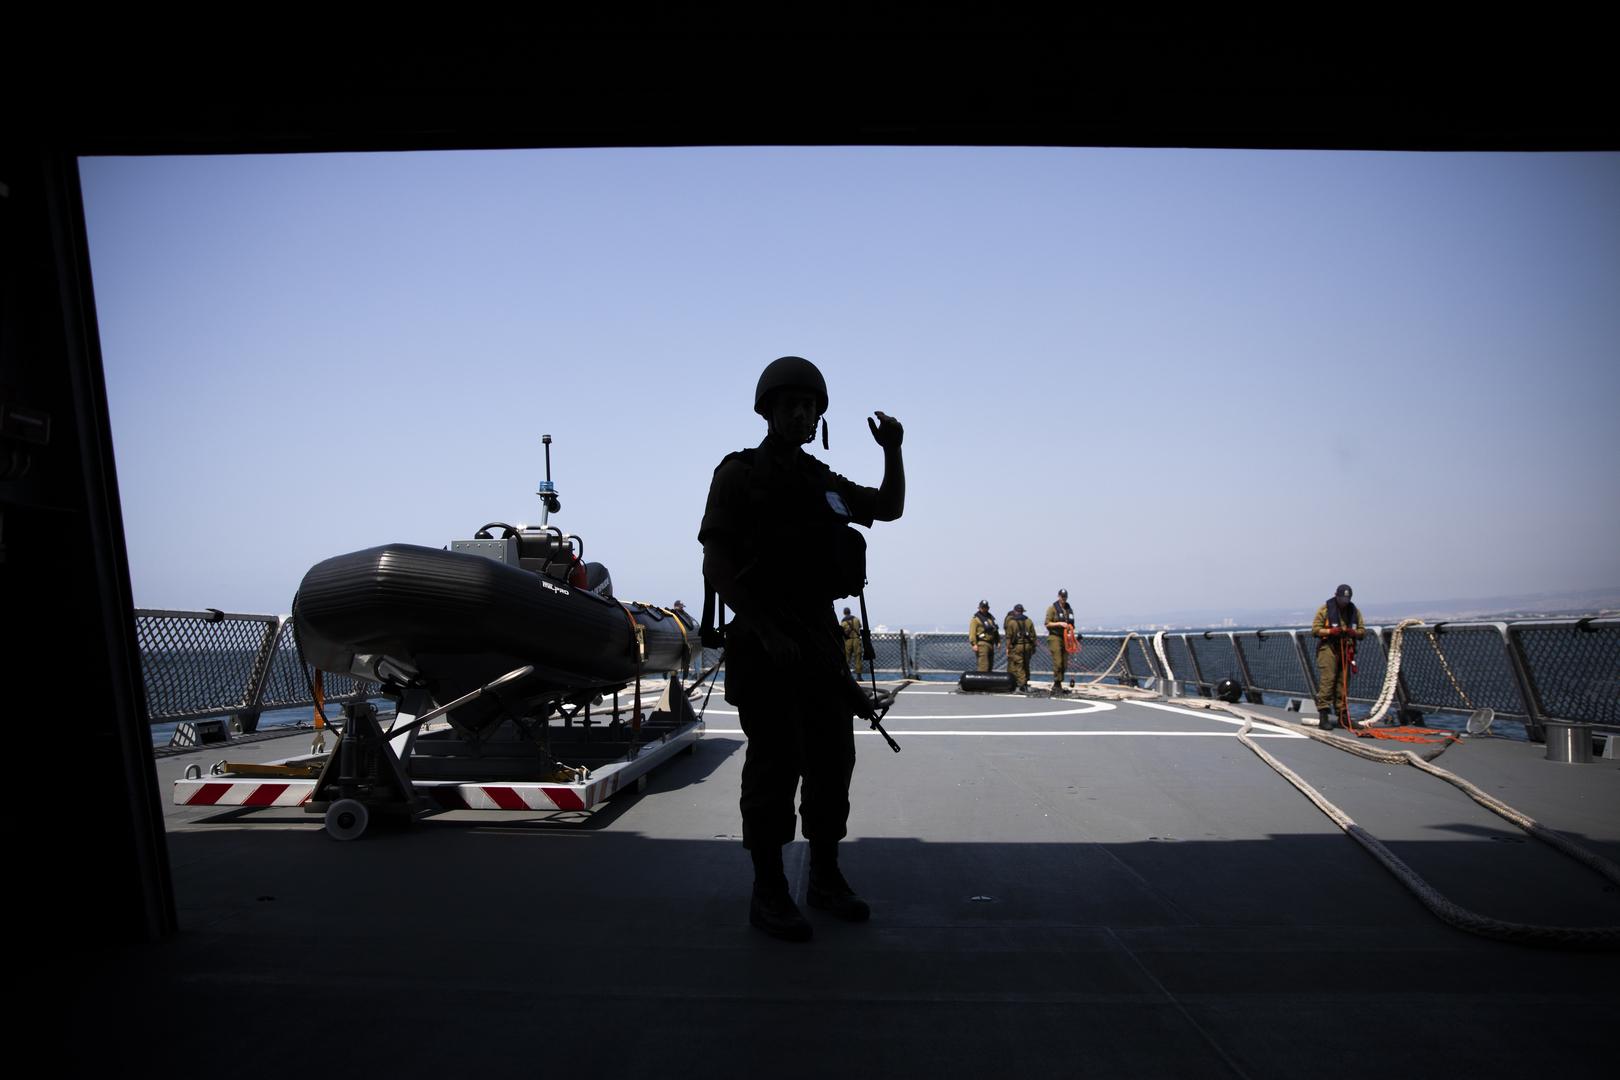 مسؤول إسرائيلي متقاعد: البحرية الإسرائيلية كثفت أنشطتها في البحر الأحمر بشكل كبير لمواجهة إيران